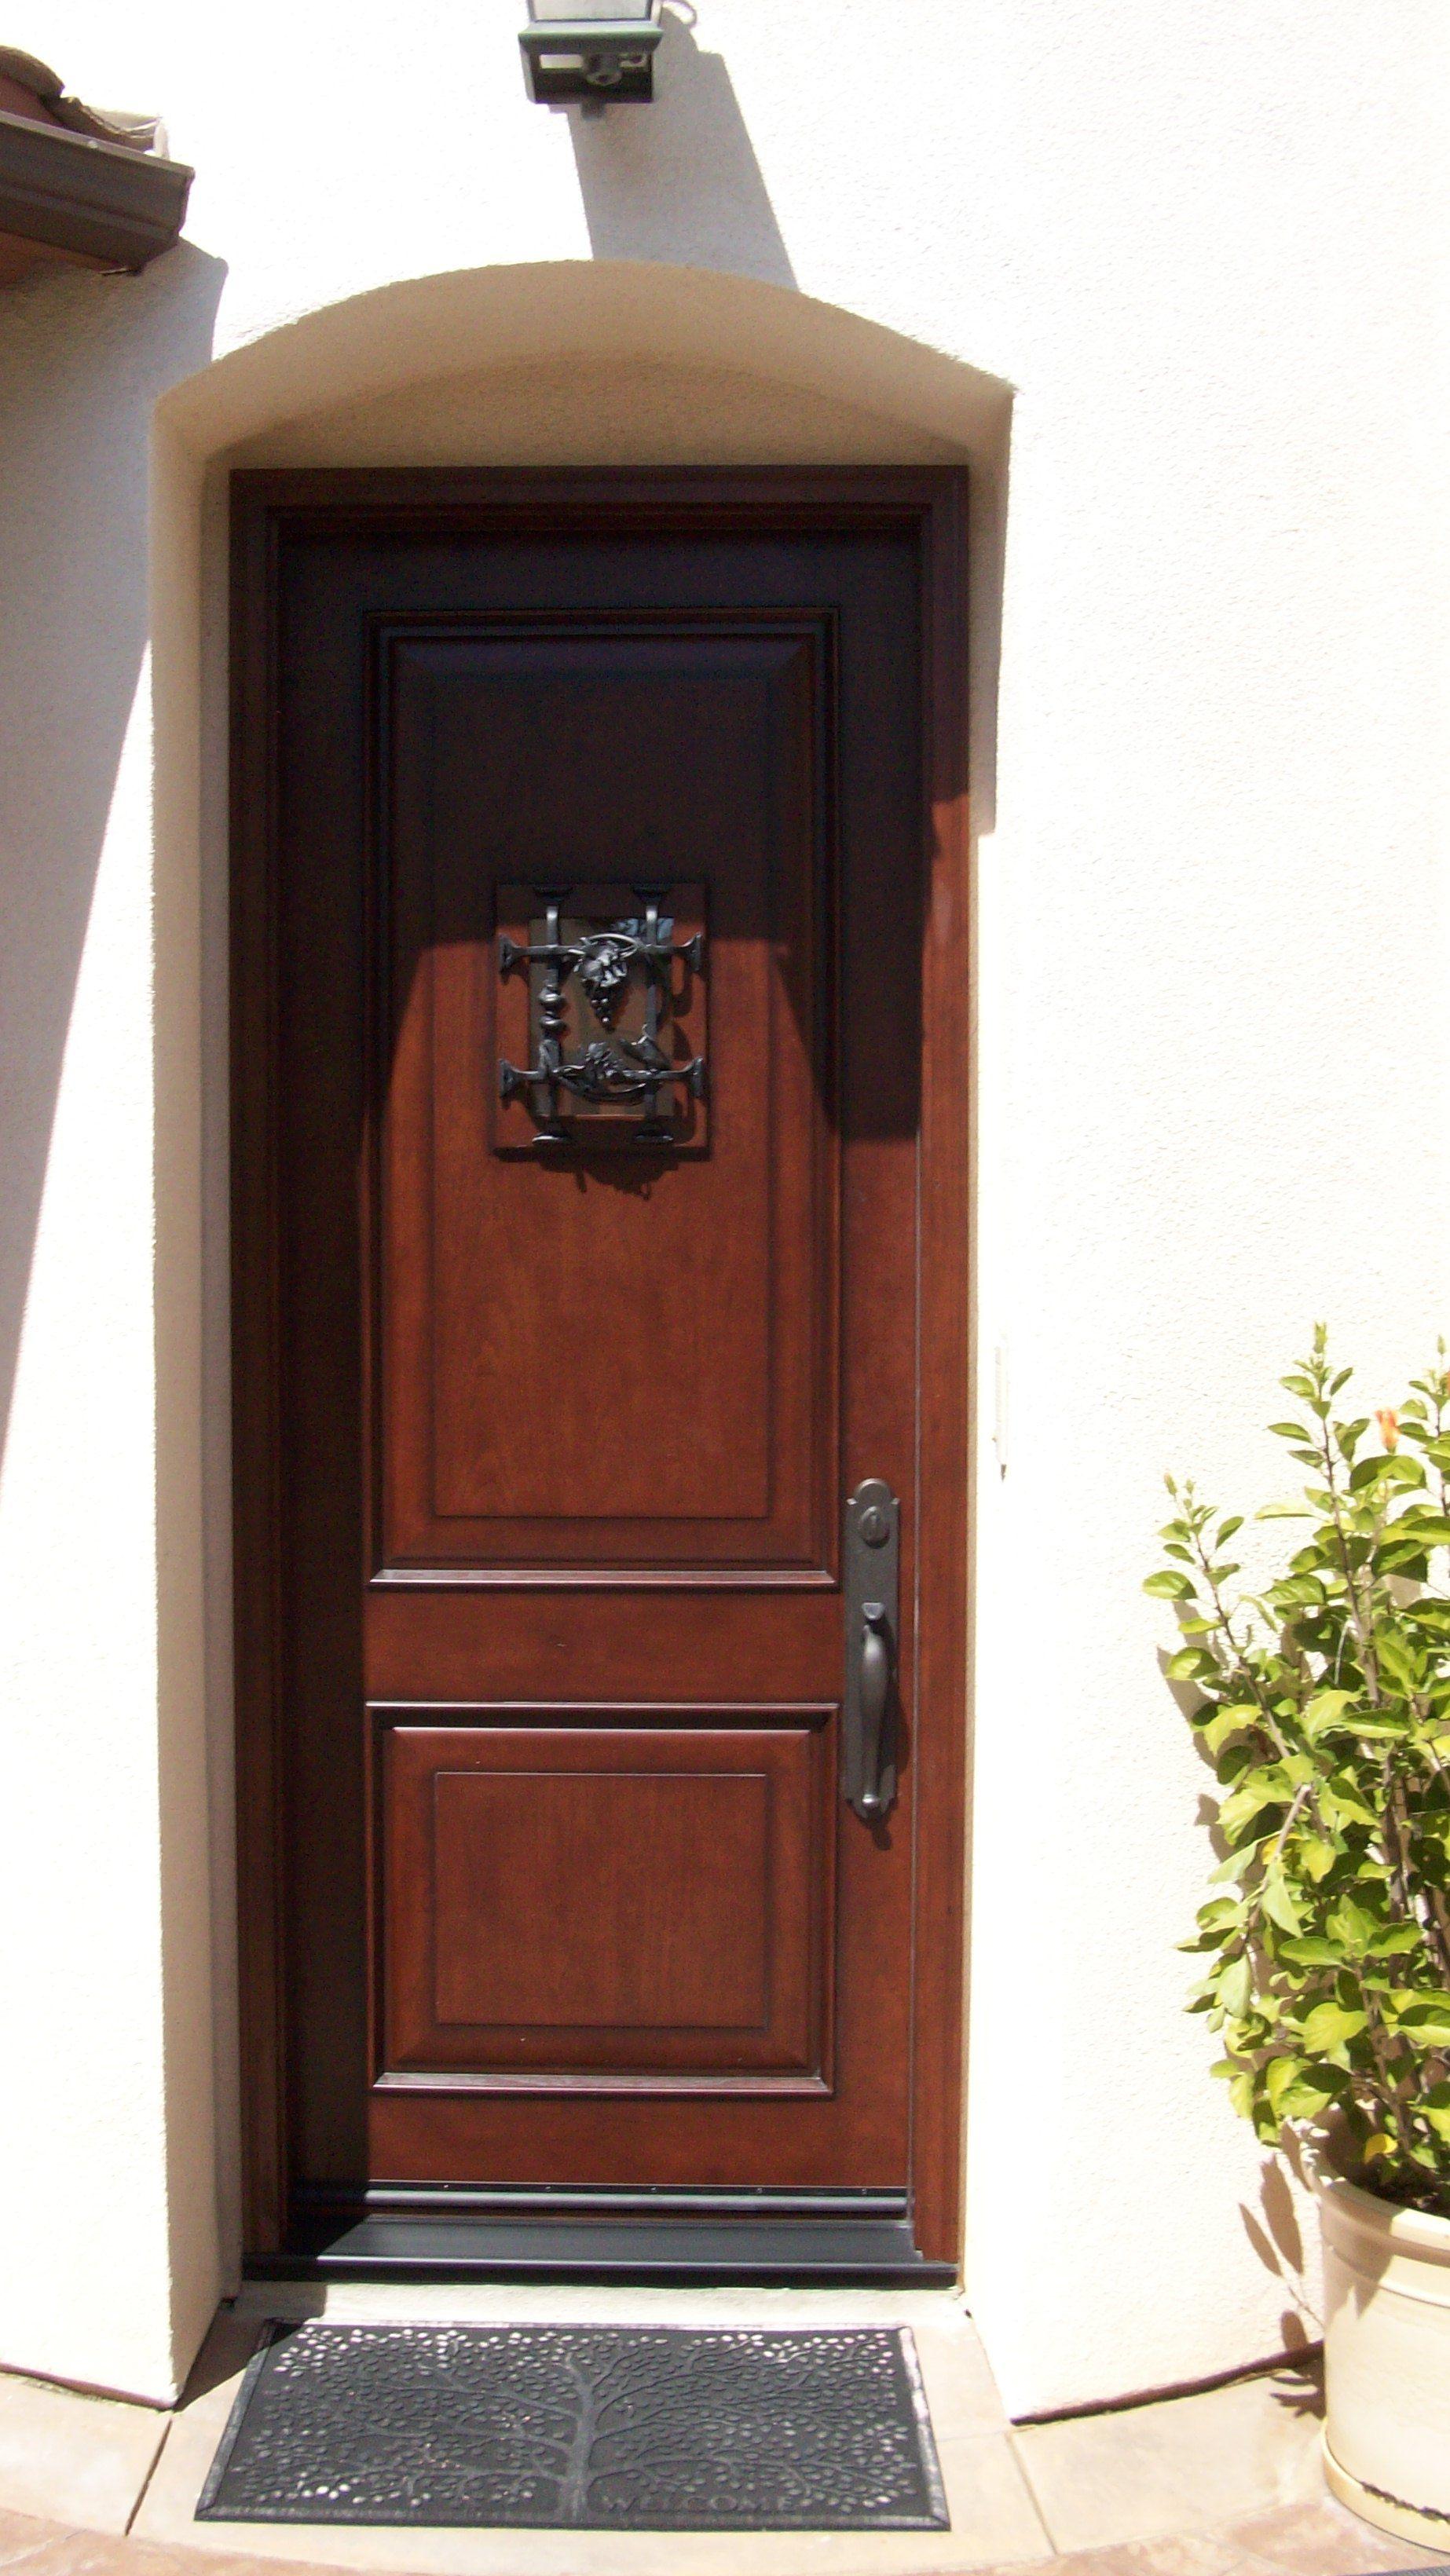 This 8 Ft Tall Jeld Wen Door Is Rustic With A Speak Easy 8 Foot